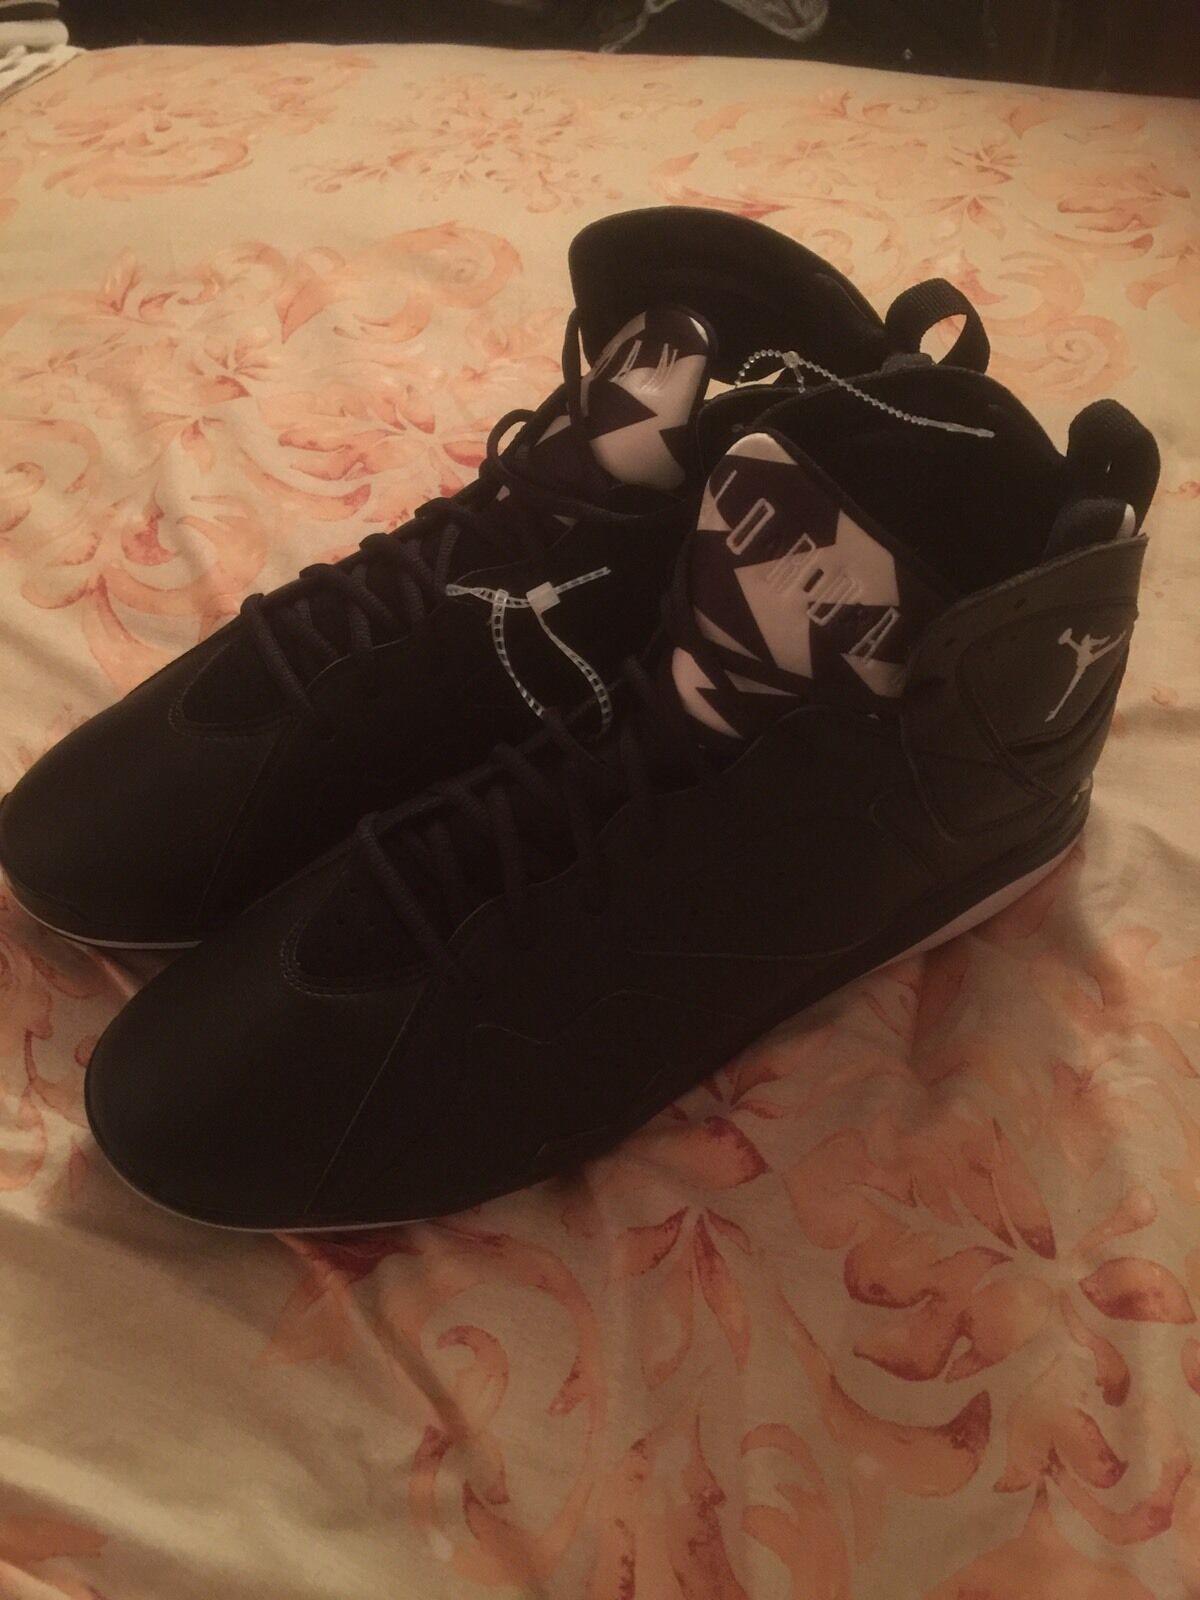 Nike Air Jordan 7 Retro MCS 16 Mid Baseball Cleats 684942 010 Black